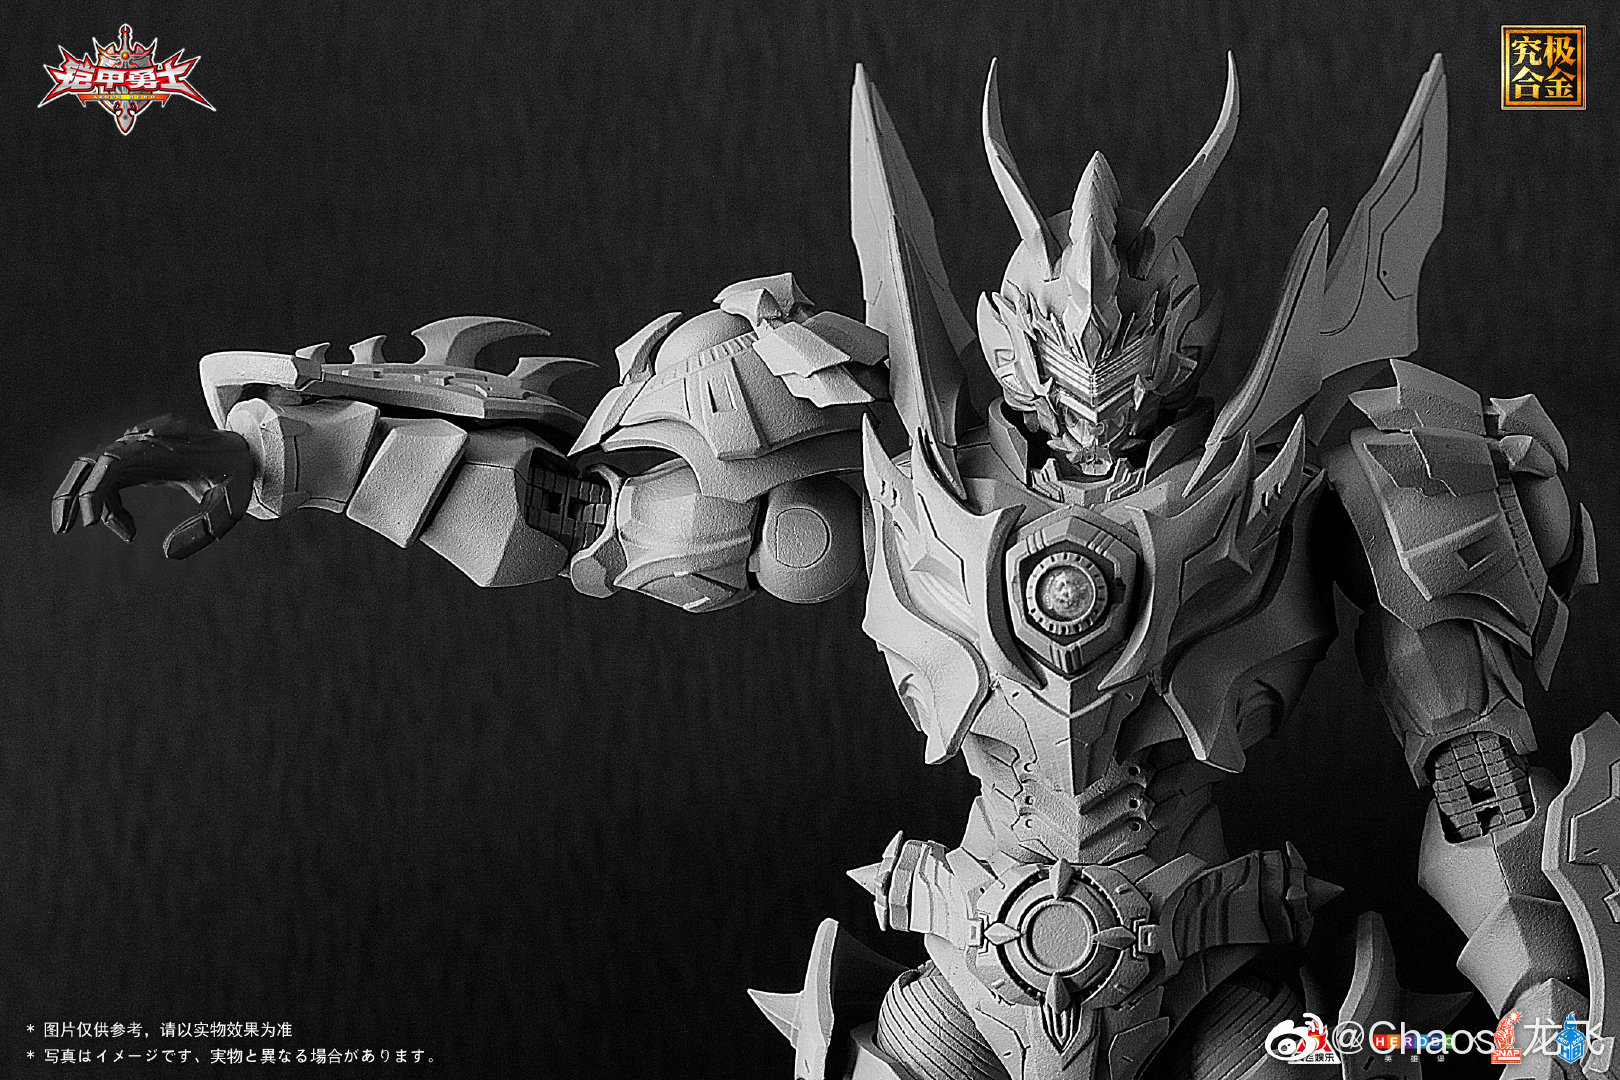 S536_snap_Armor_hero_Emperor_enryu_011.jpg